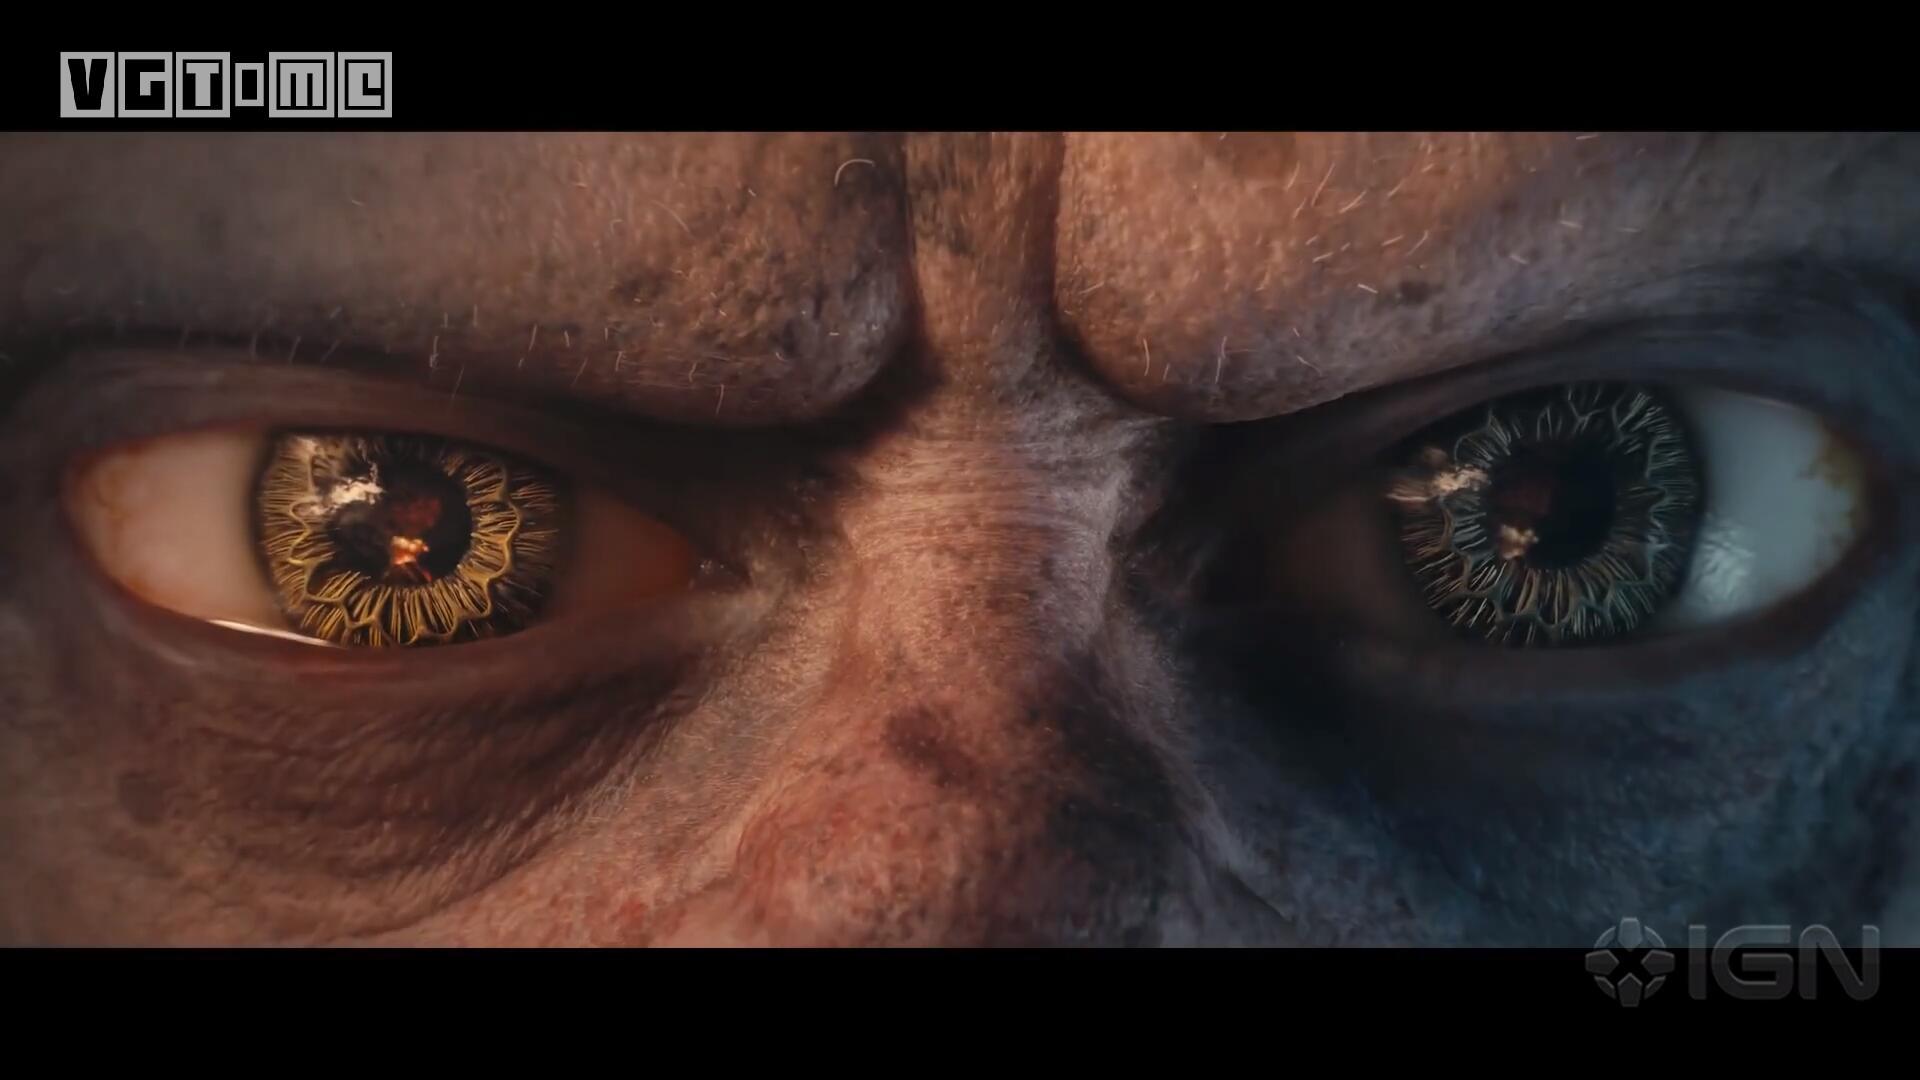 潜行动作游戏《指环王:咕噜》公开先导预告片